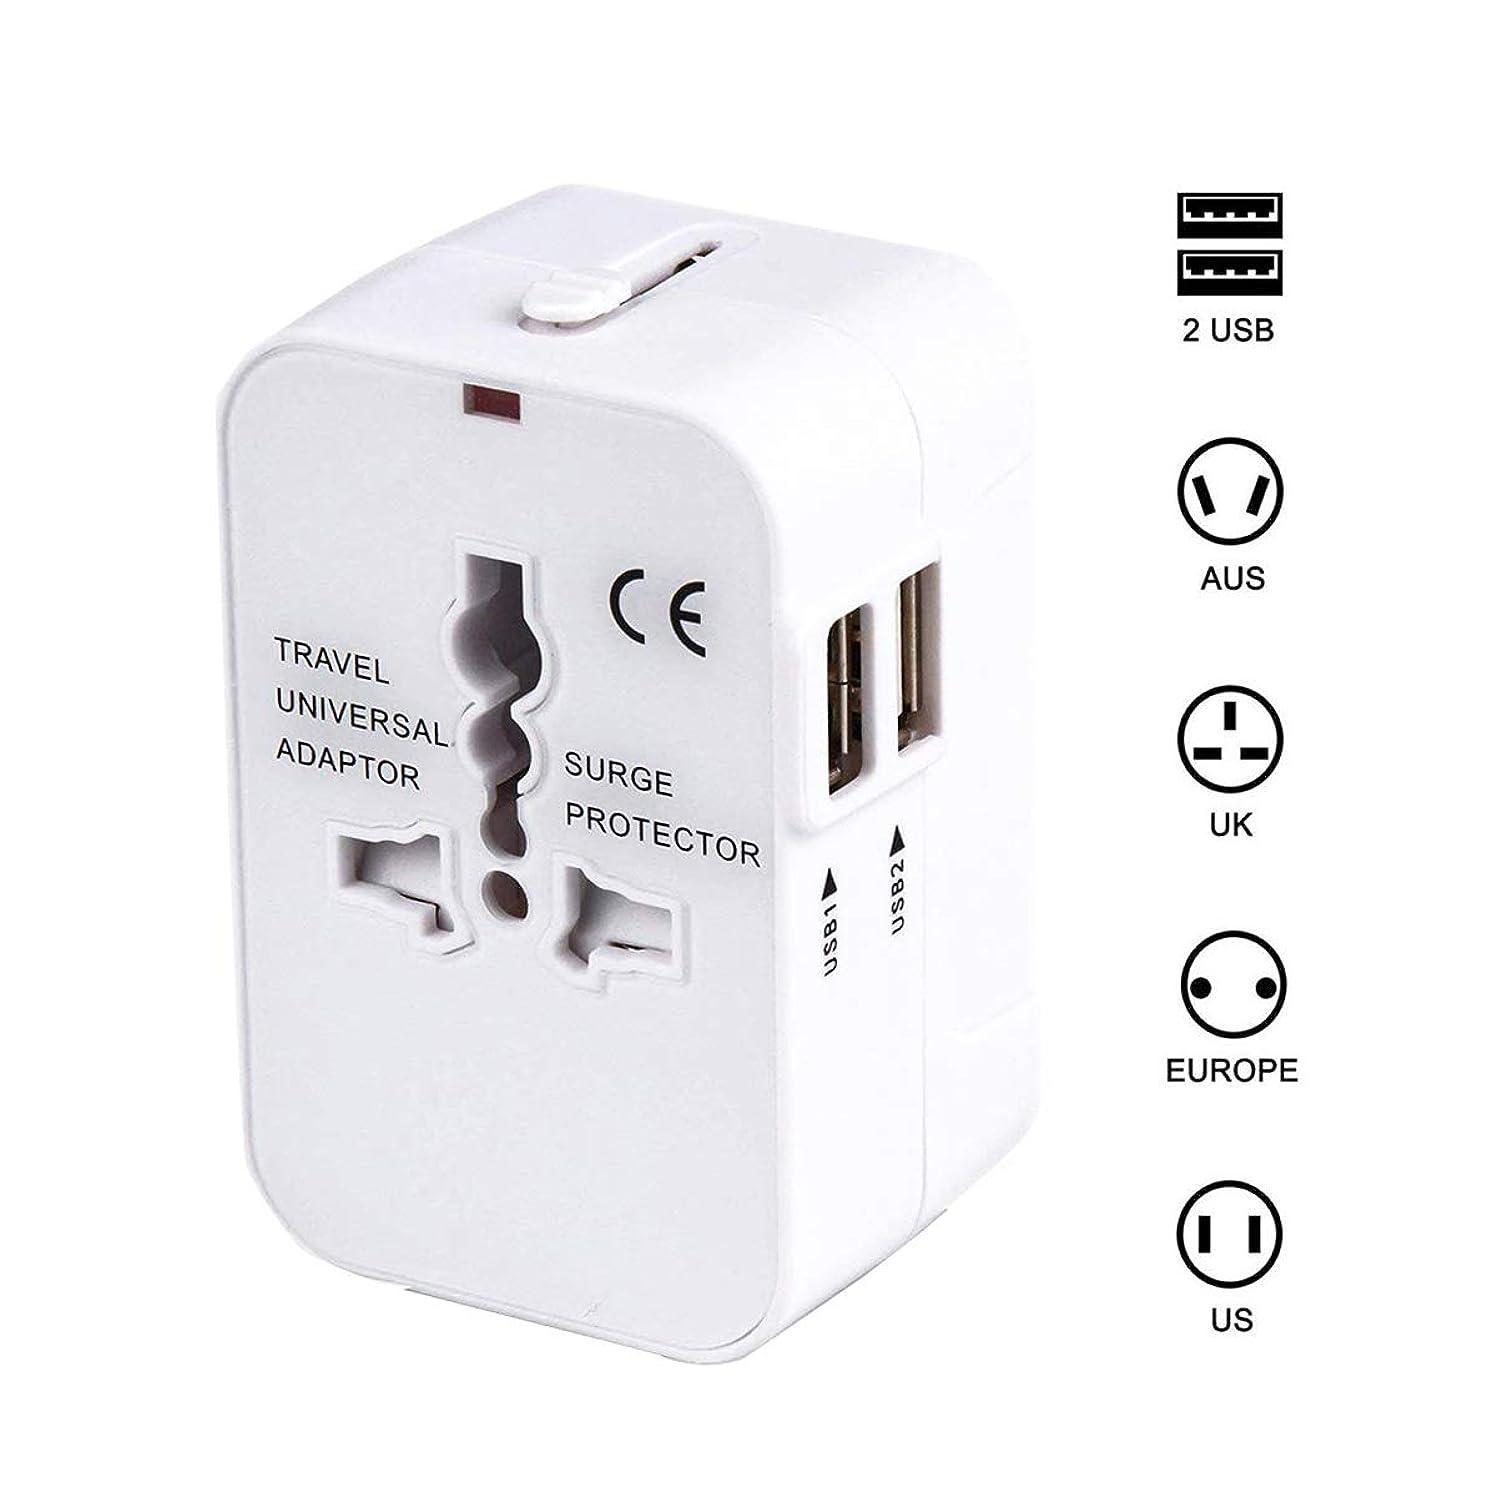 クルーズ外国人かみそり海外安全旅行充電器 コンパクトな コンセント 2USBポート変換プラグ 電源プラグ 旅行アダプター 壁の充電器 NONNBIRI (ホワイト)